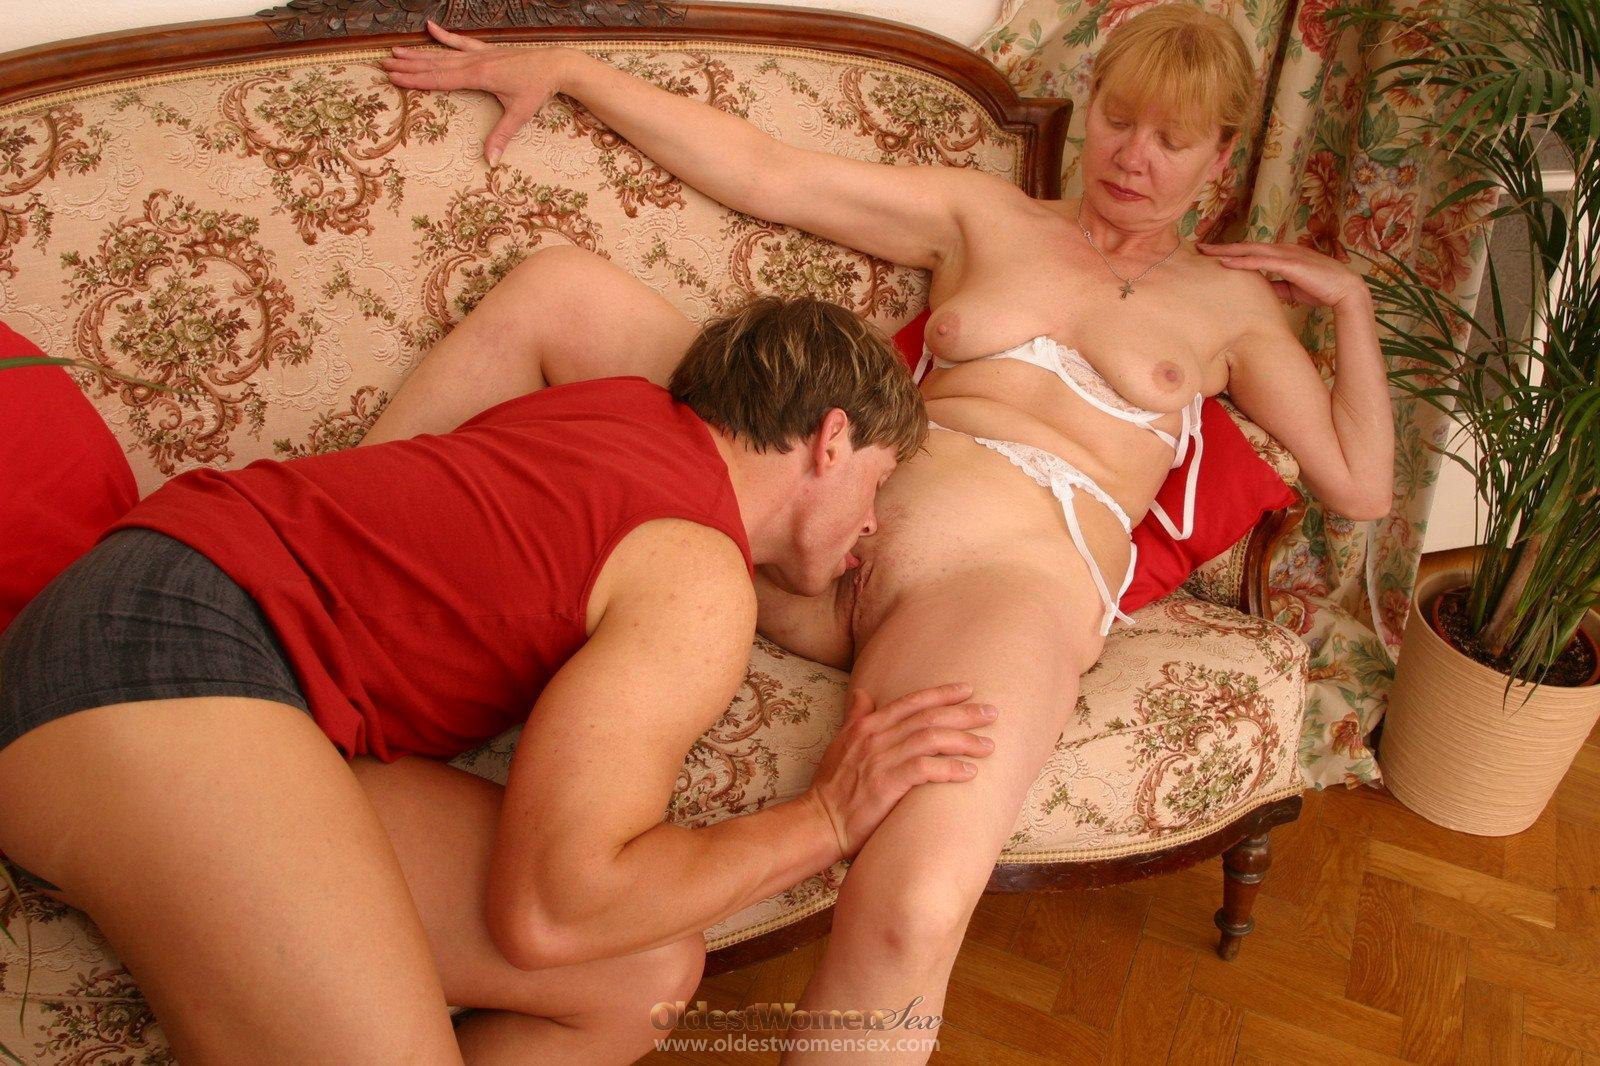 Русское порно мужик лижет пизду взрослой женщине — pic 9